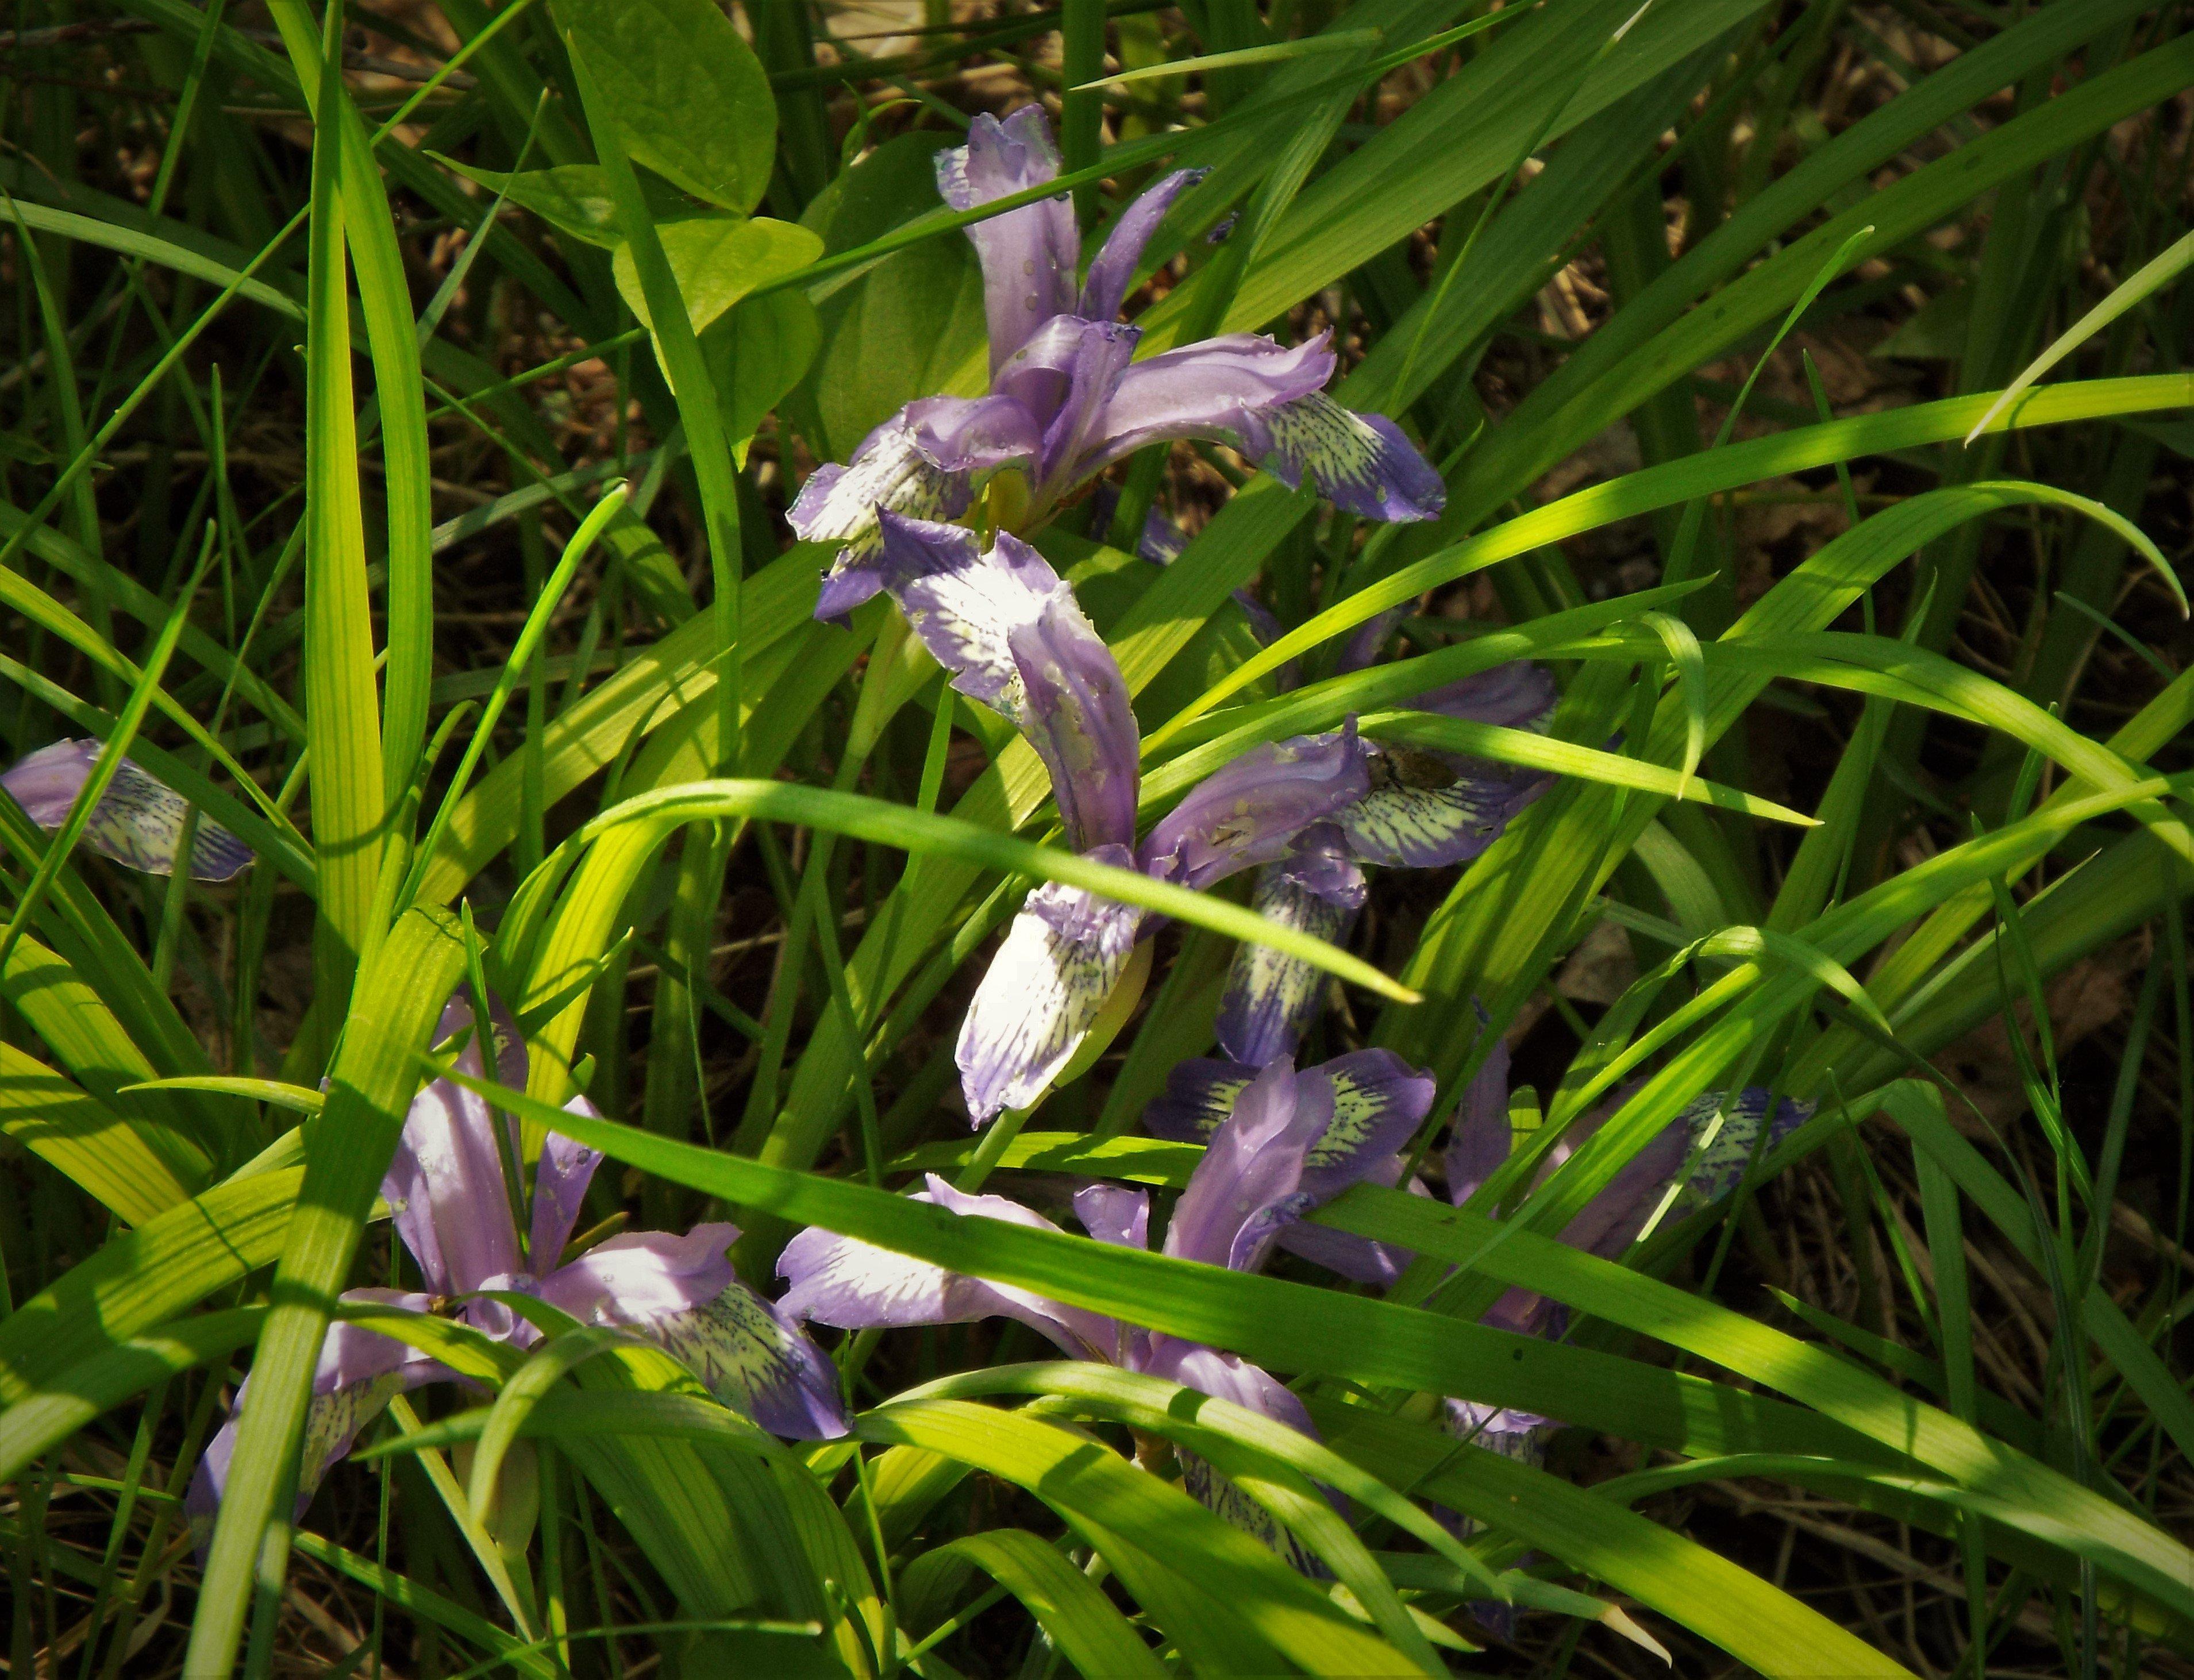 трава кукушкины слезы фото характеризуется поражением